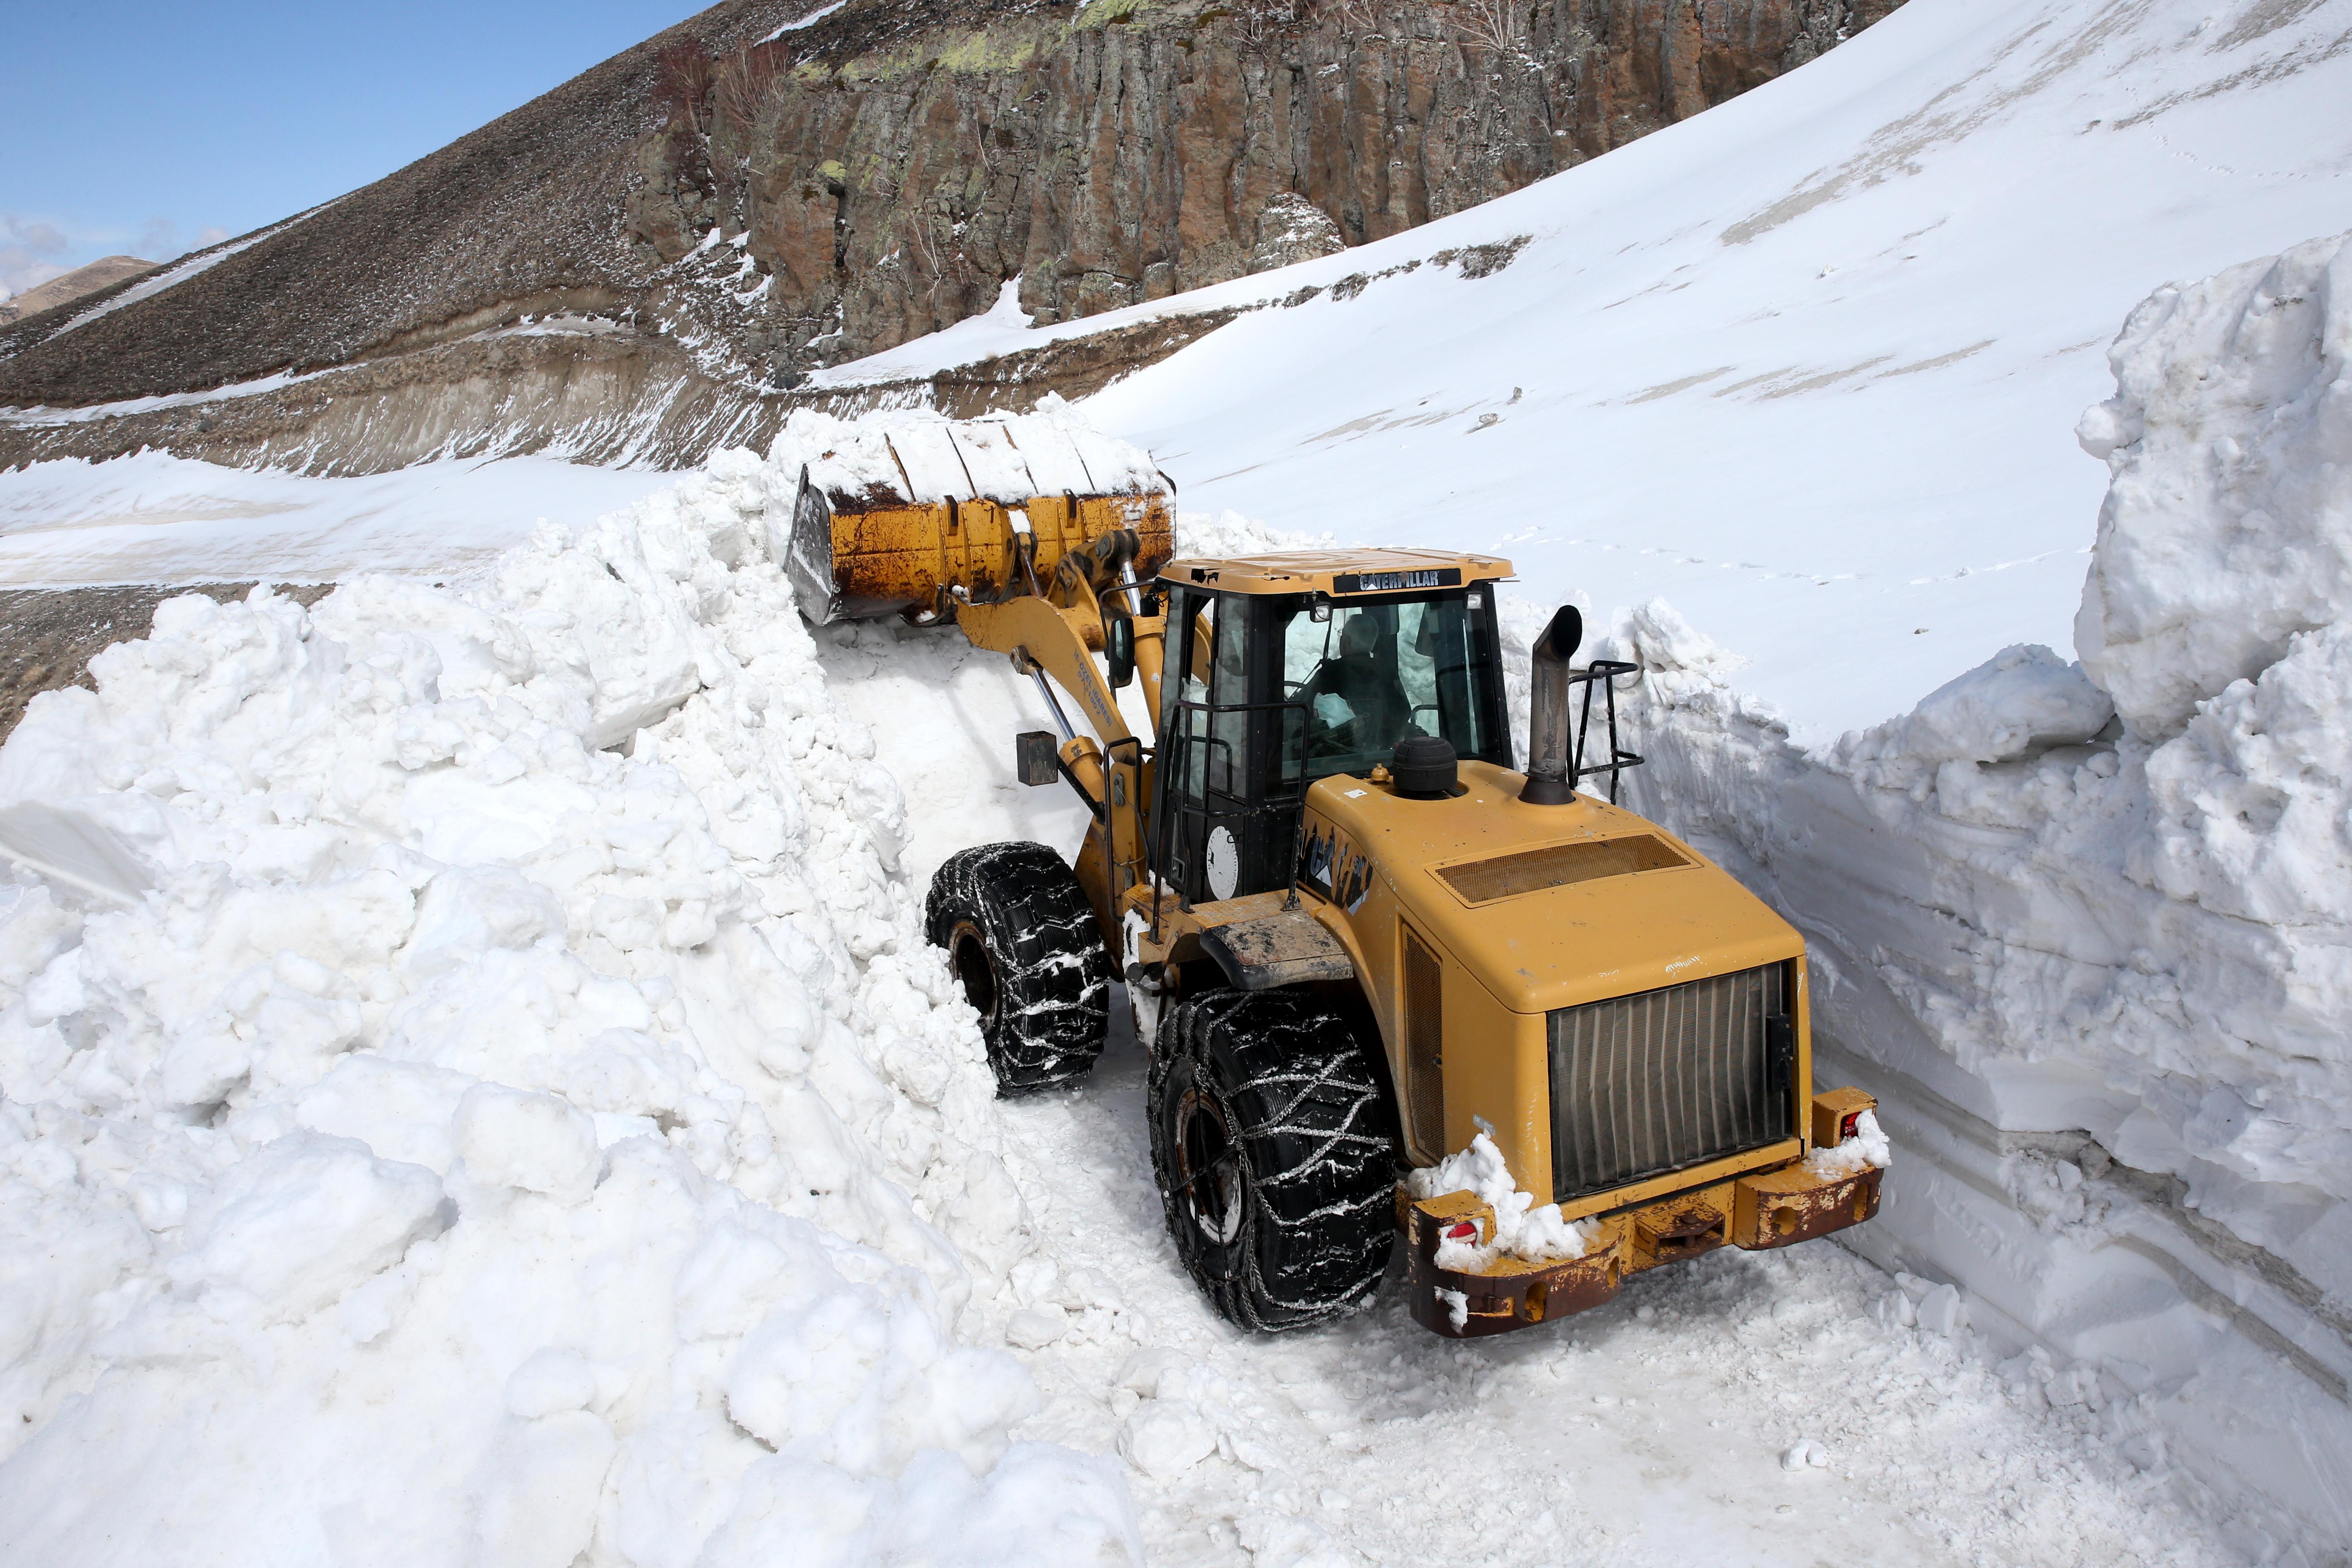 Turizm cenneti Nemrut Krater Gölü'ne ulaşım için İl Özel İdaresi ekipleri çalışmalarını sürdürüyor